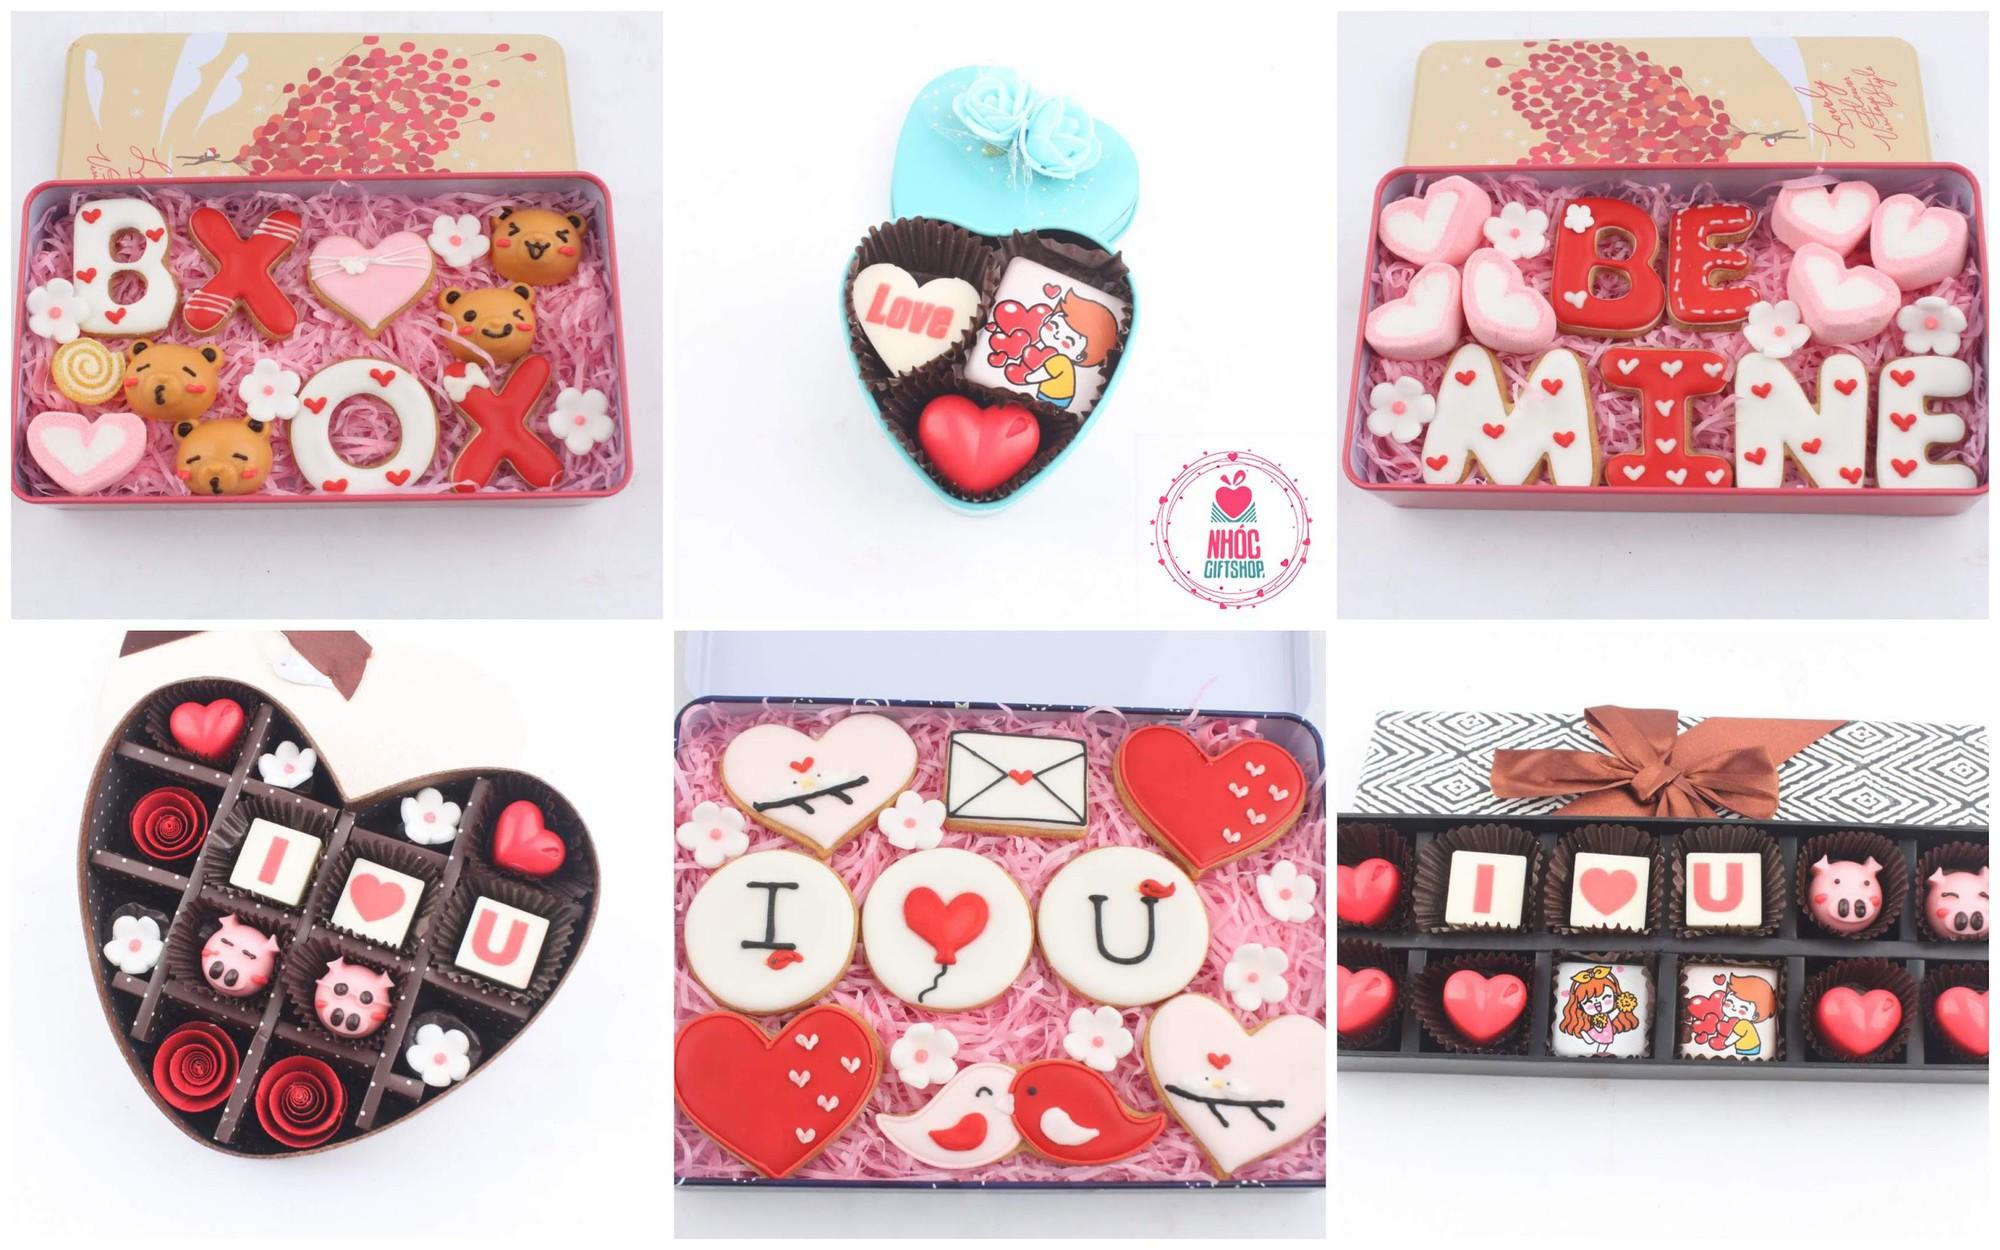 Top những món quà chuẩn thính quăng là dính dịp Valentine - Ảnh 6.